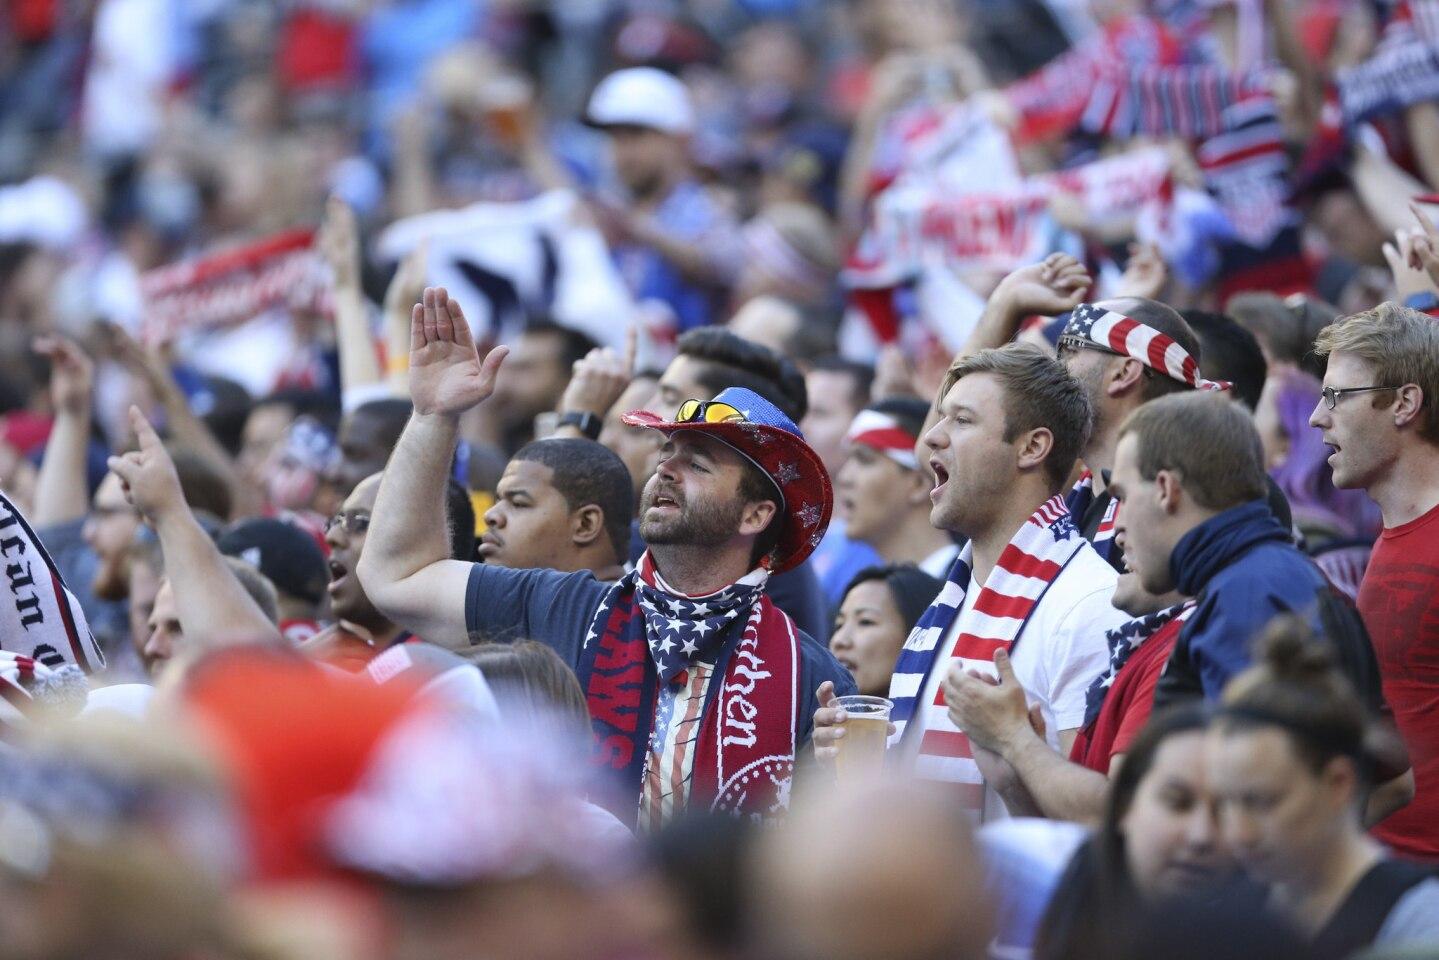 MAG326. SEATTLE (EE.UU.), 16/06/2016.- Aficionados de EE.UU asisten al juego de su equipo ante Ecuador hoy, jueves 16 de junio de 2016, en el partido entre EE.UU. y Ecuador por la Copa América Centenario en Century Link Field en Seattle (Washington). EFE/DAVID FERNÁNDEZ ** Usable by HOY and SD Only **